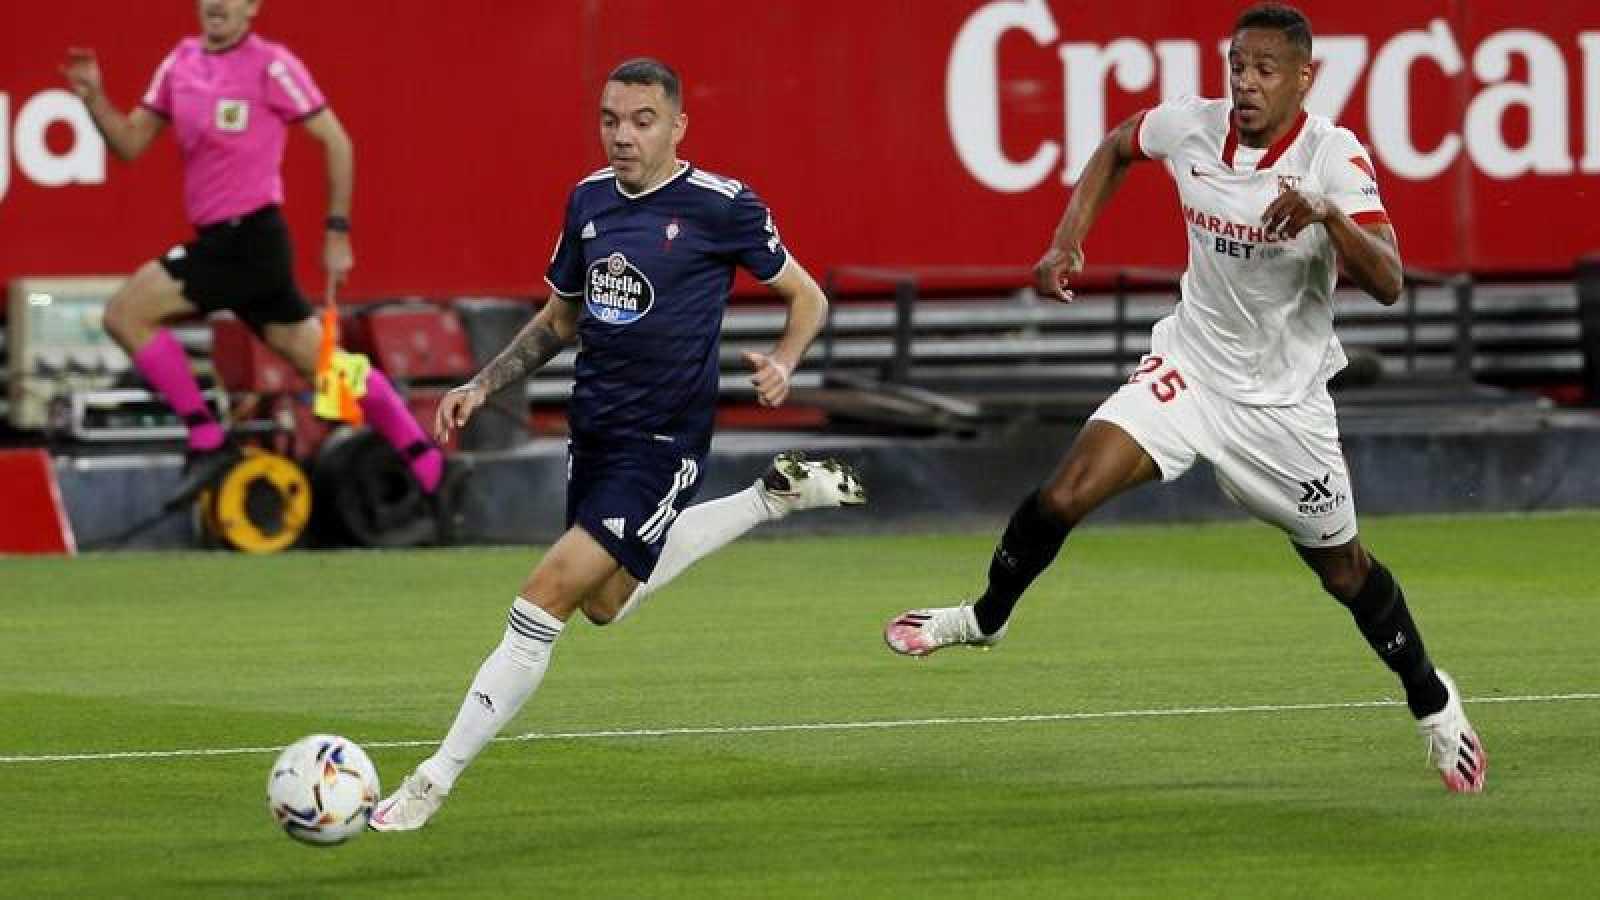 El centrocampista brasileño del Sevilla Fernando Francisco Reges y el delantero del Celta Nolito durante el encuentro